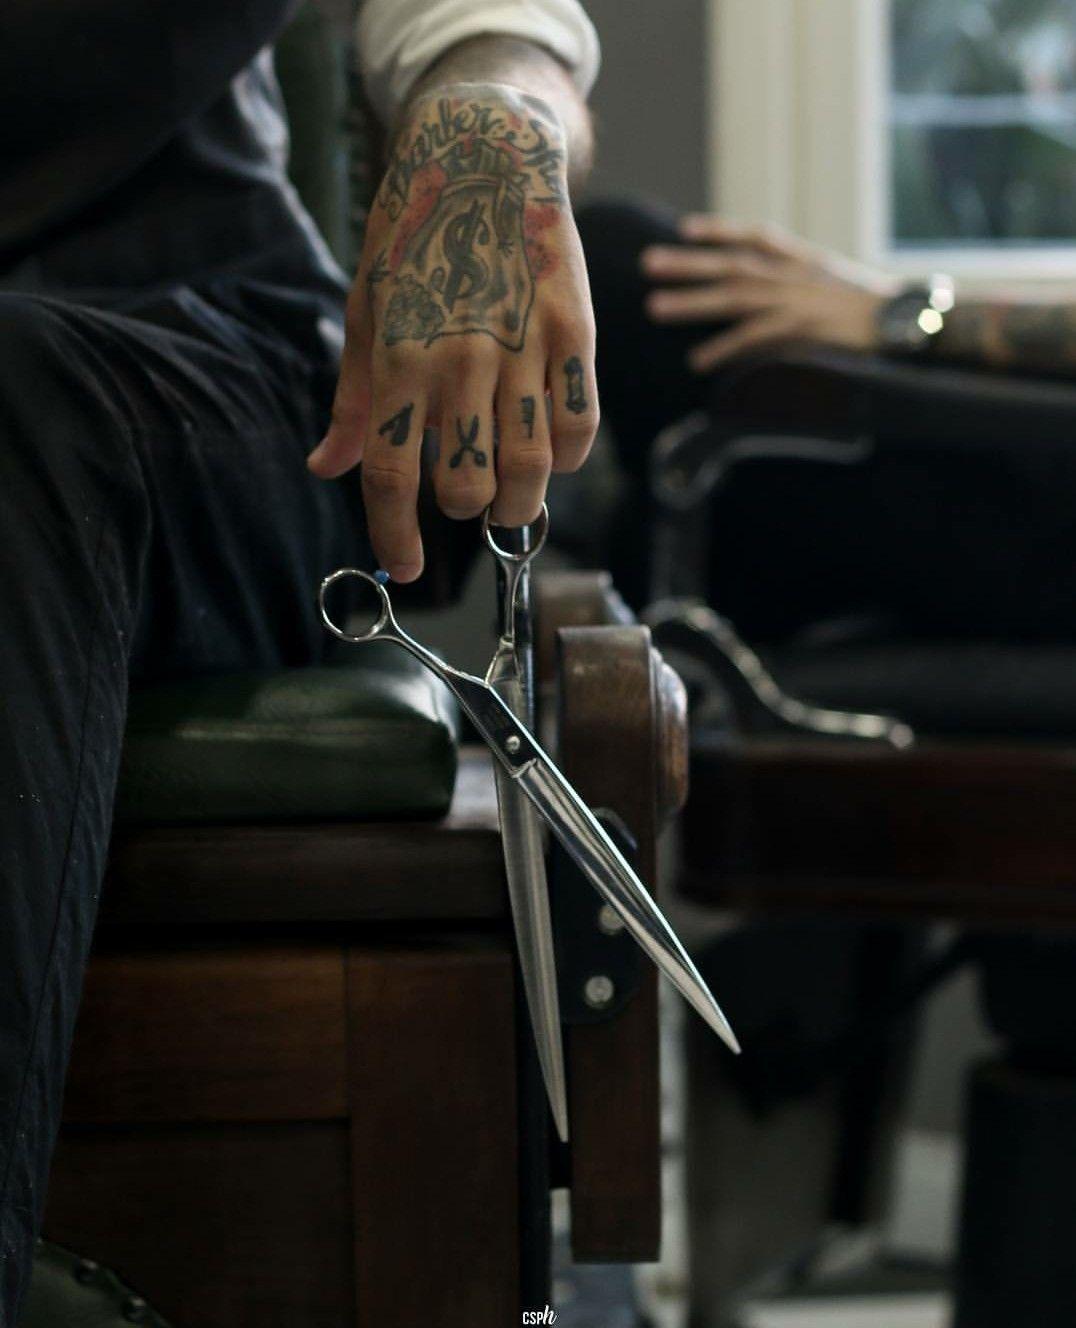 The sicessor hands #barbershop